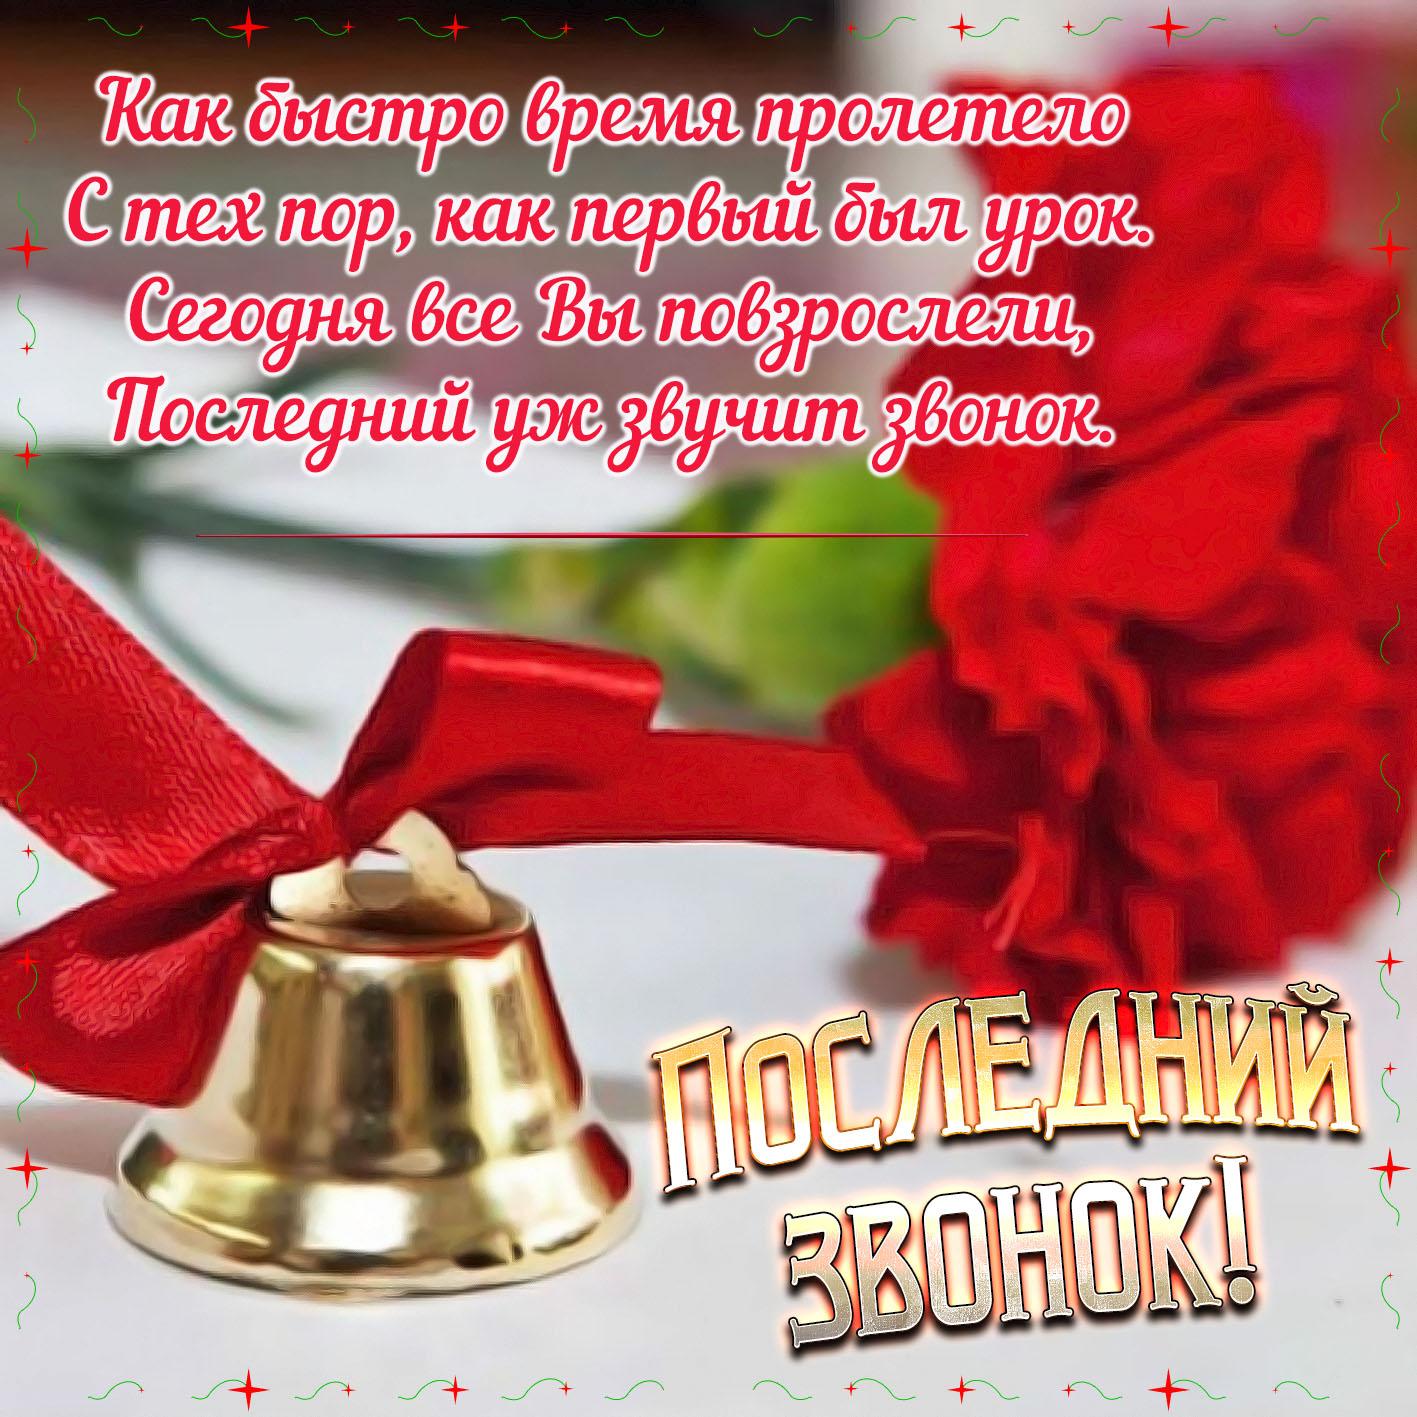 Картинки с поздравление на последний звонок, днем россии